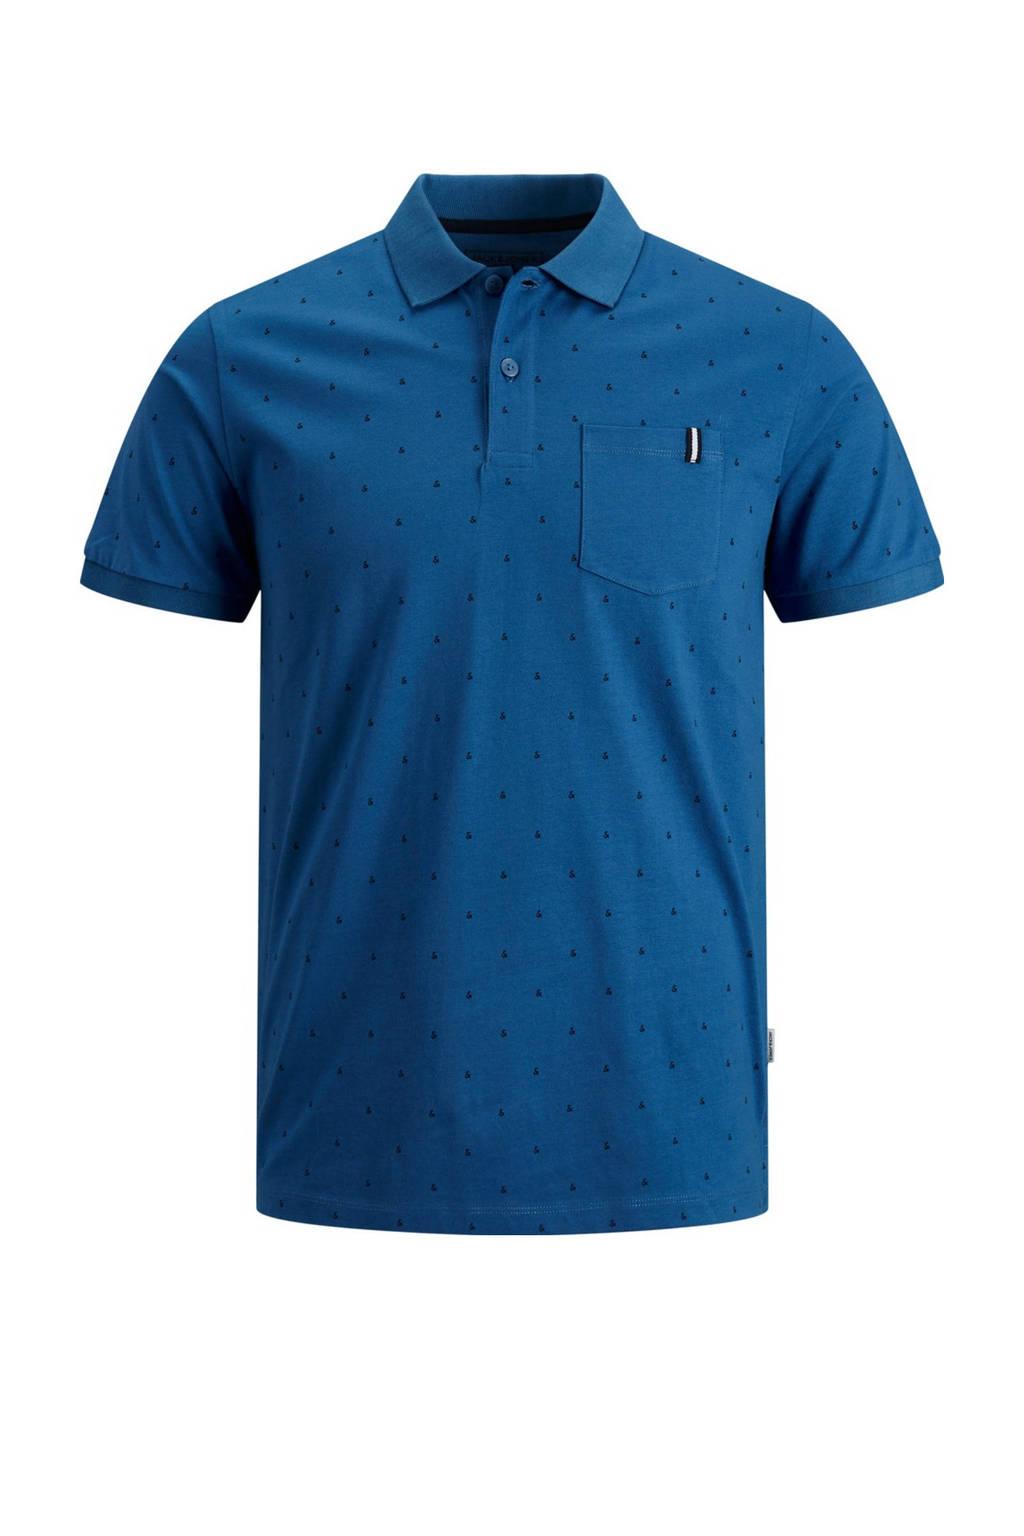 JACK & JONES CORE slim fit polo met all over print blauw, Blauw